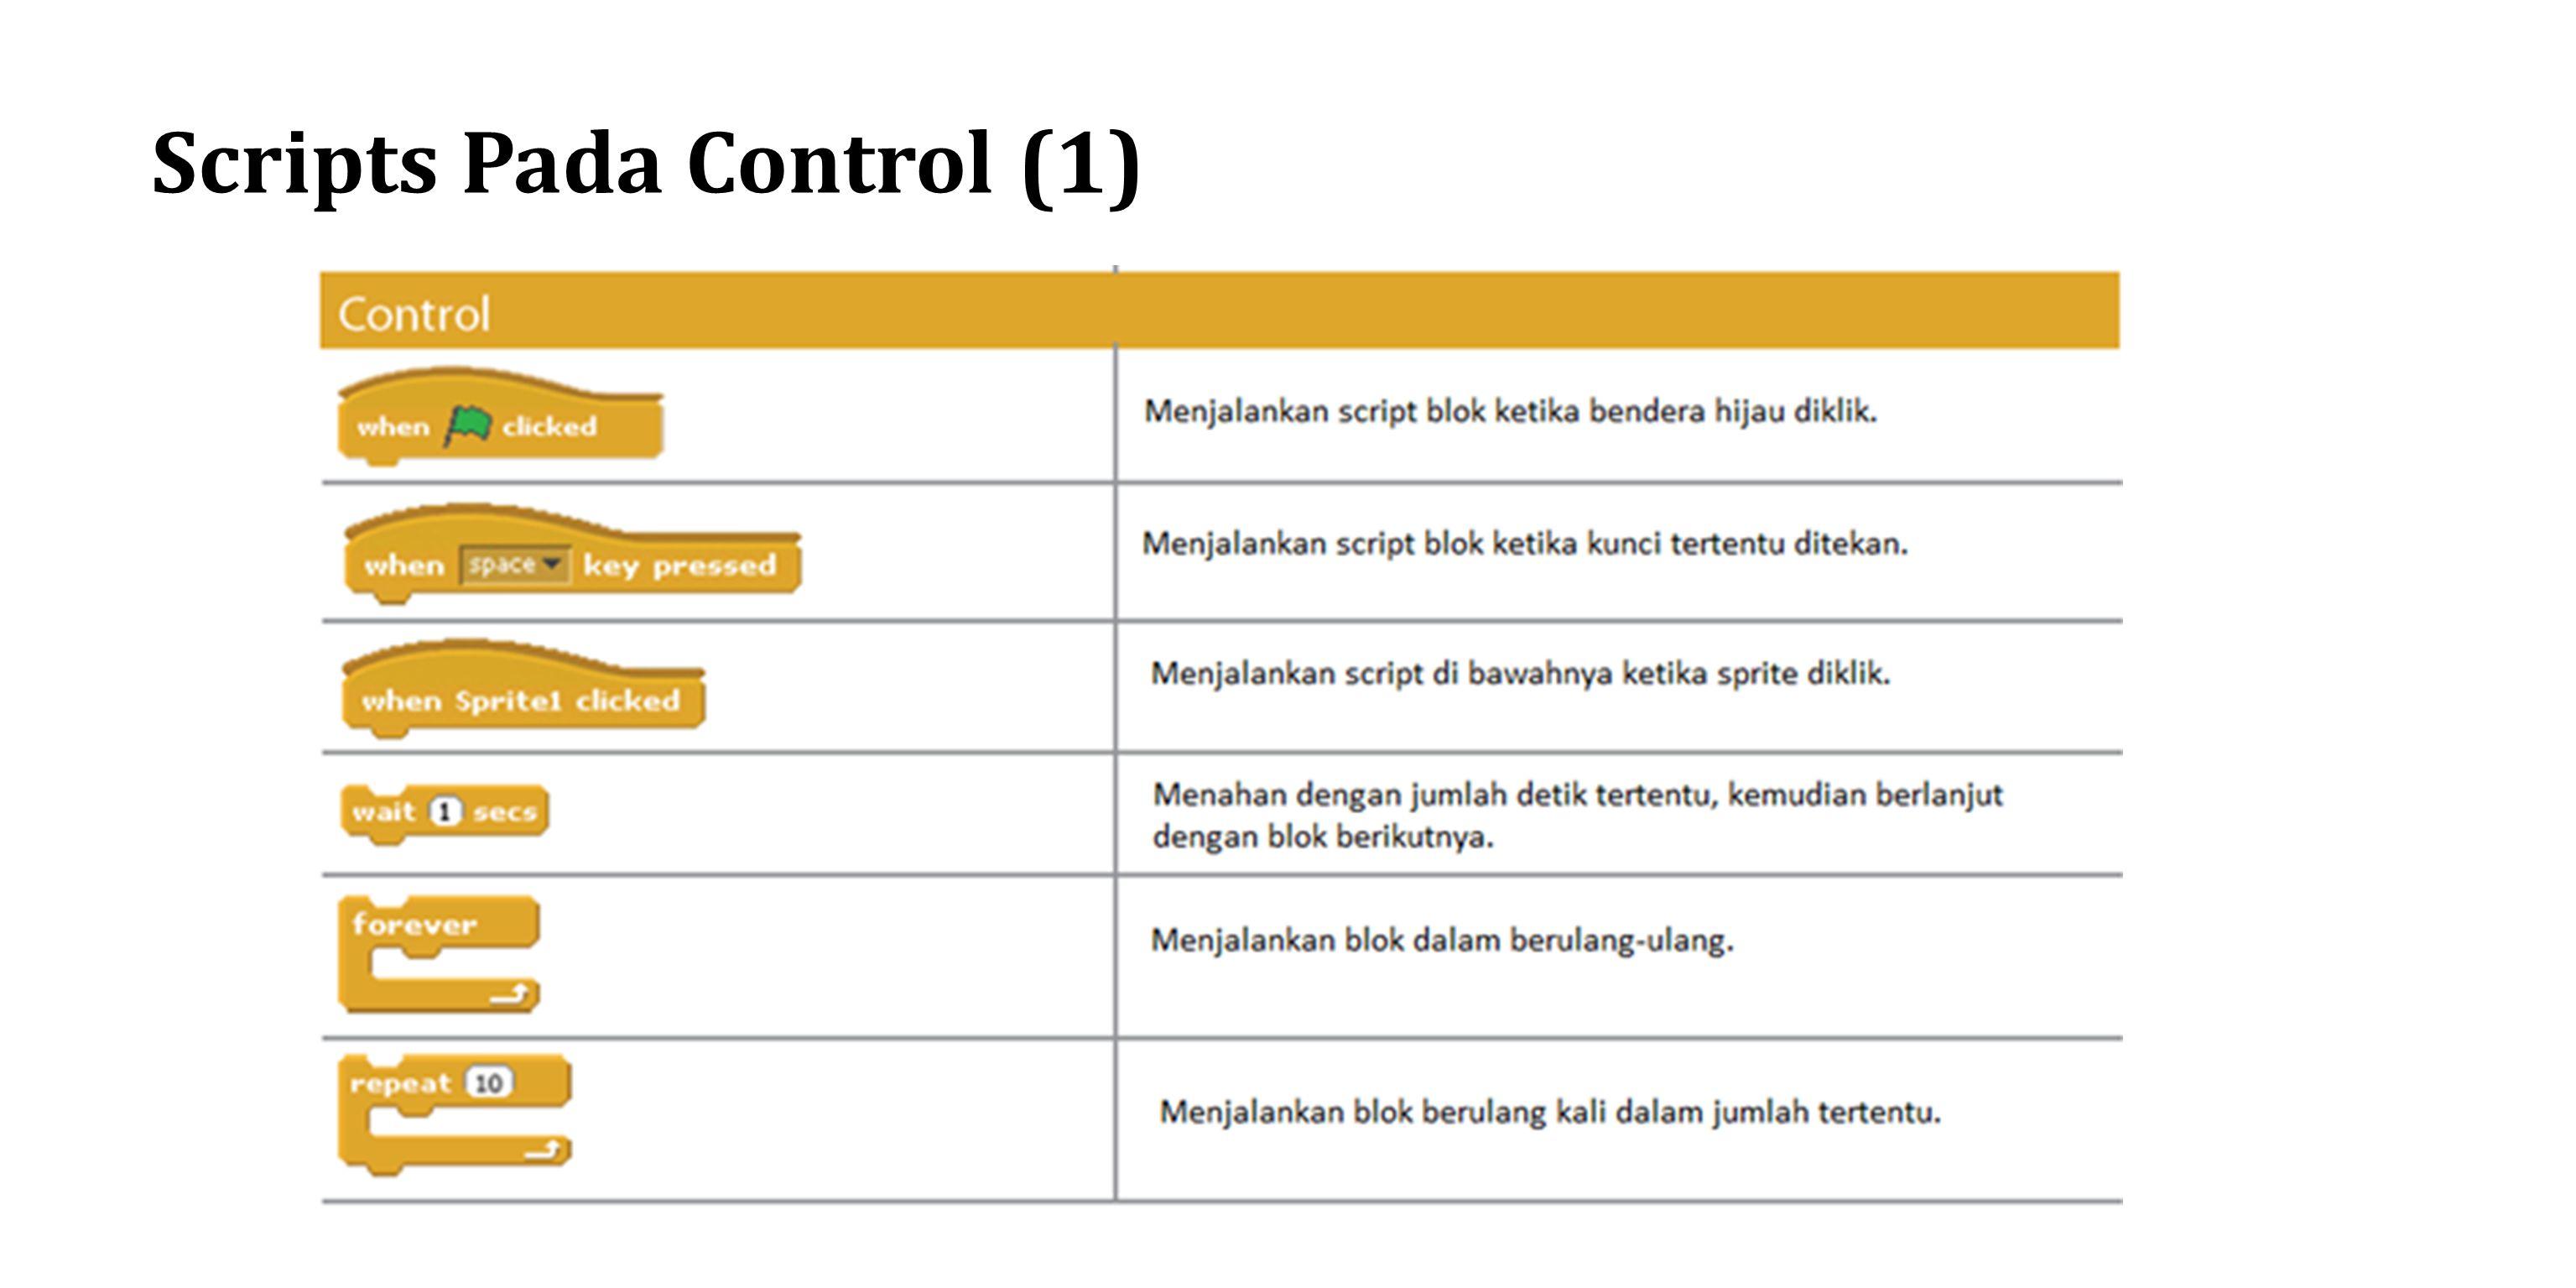 Scripts Pada Control (1)